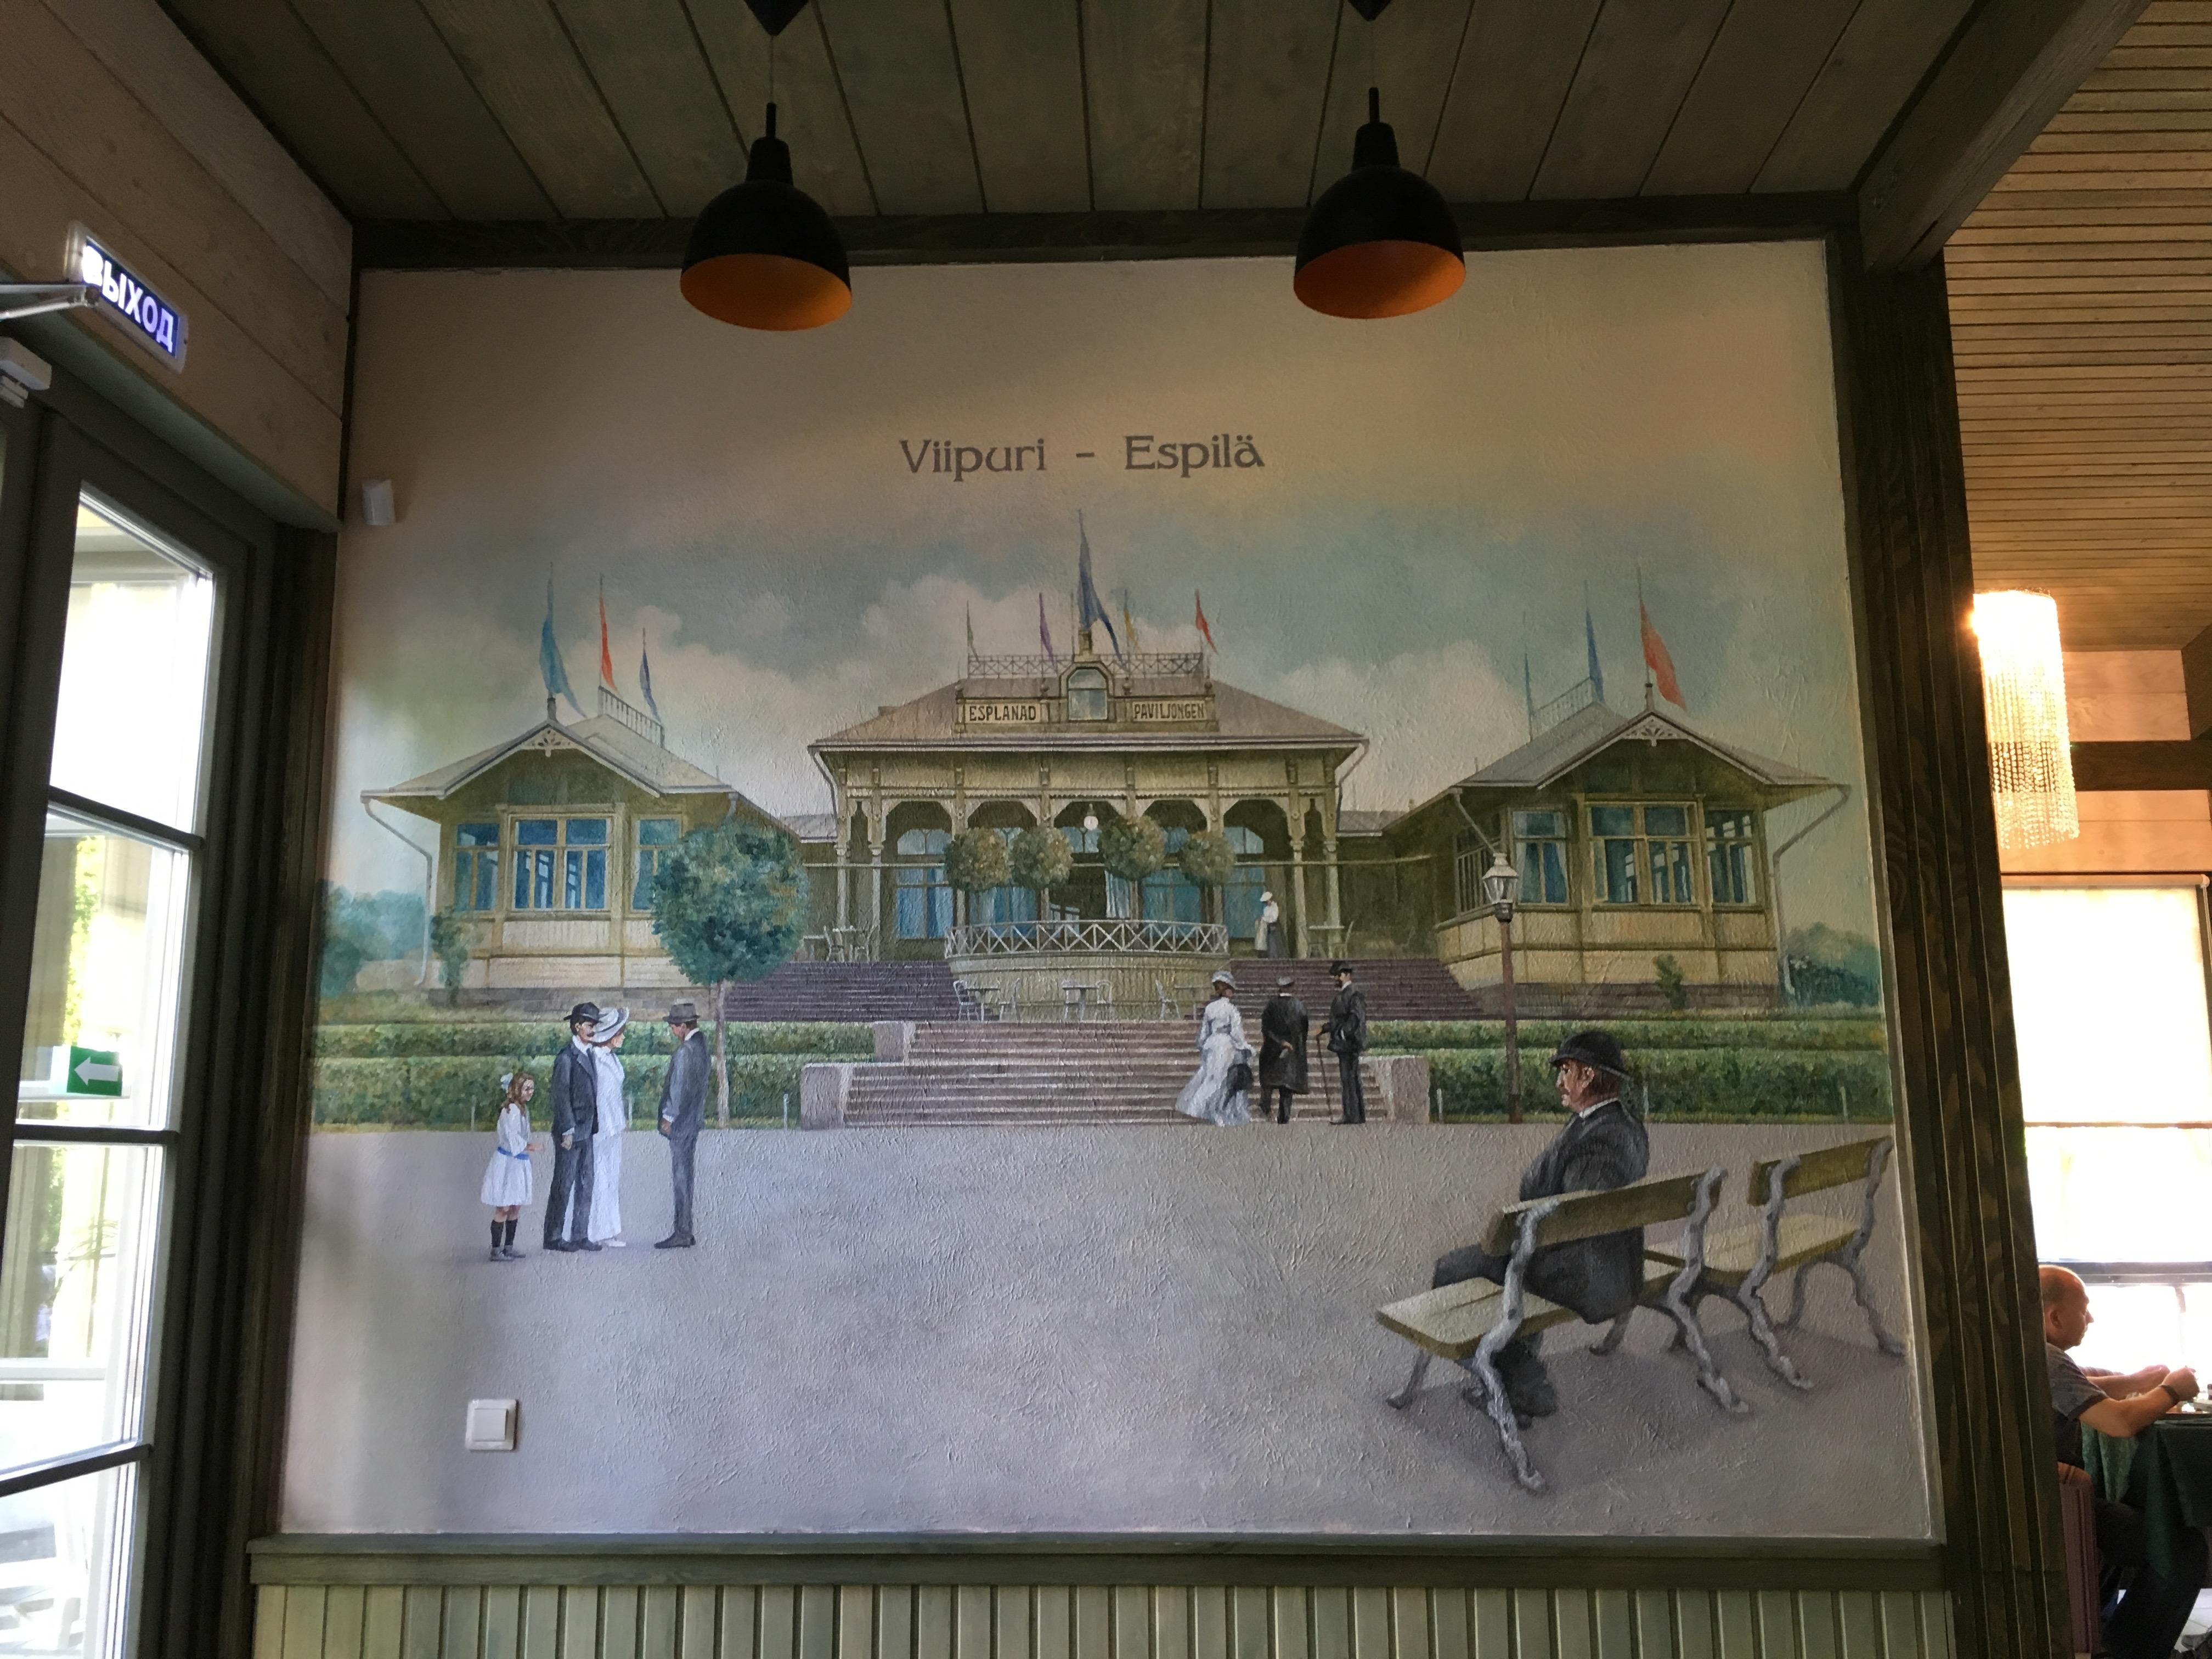 フィンランド独立100年を記念し、かつてのフィンランド領土を旅する 〜ロシアの町、Viipuri(ヴィープリ)の中のフィンランド〜